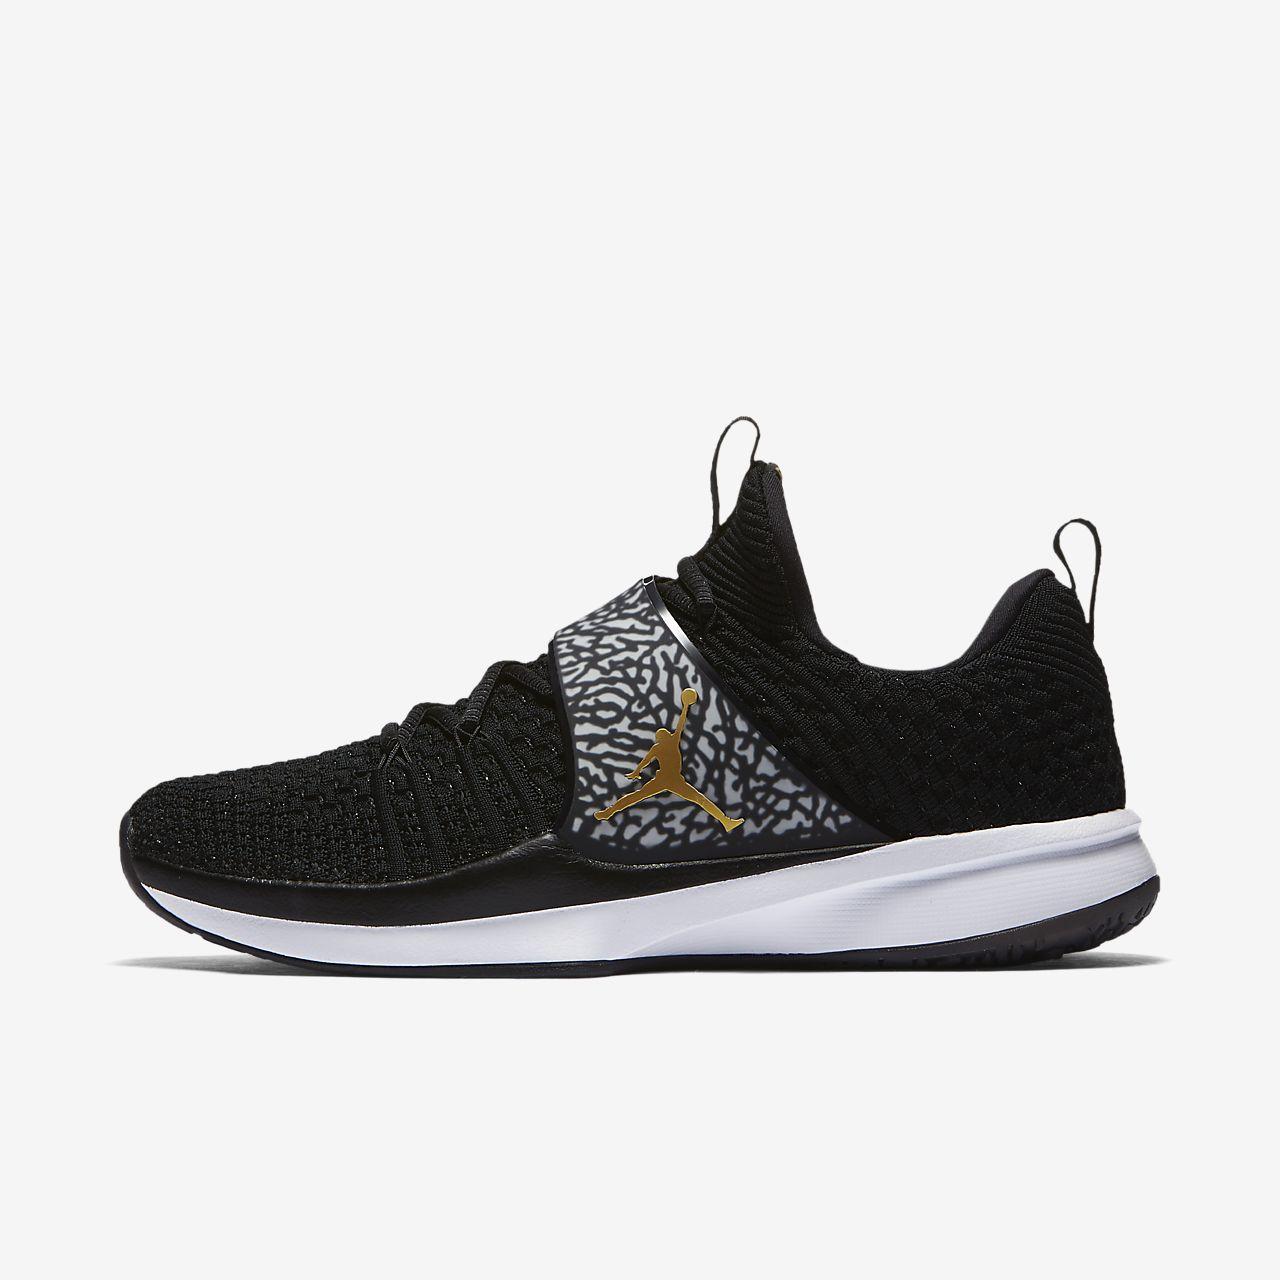 Chaussures De Sport Bas Coureur 2 Nike Noir l5ElSzR04l